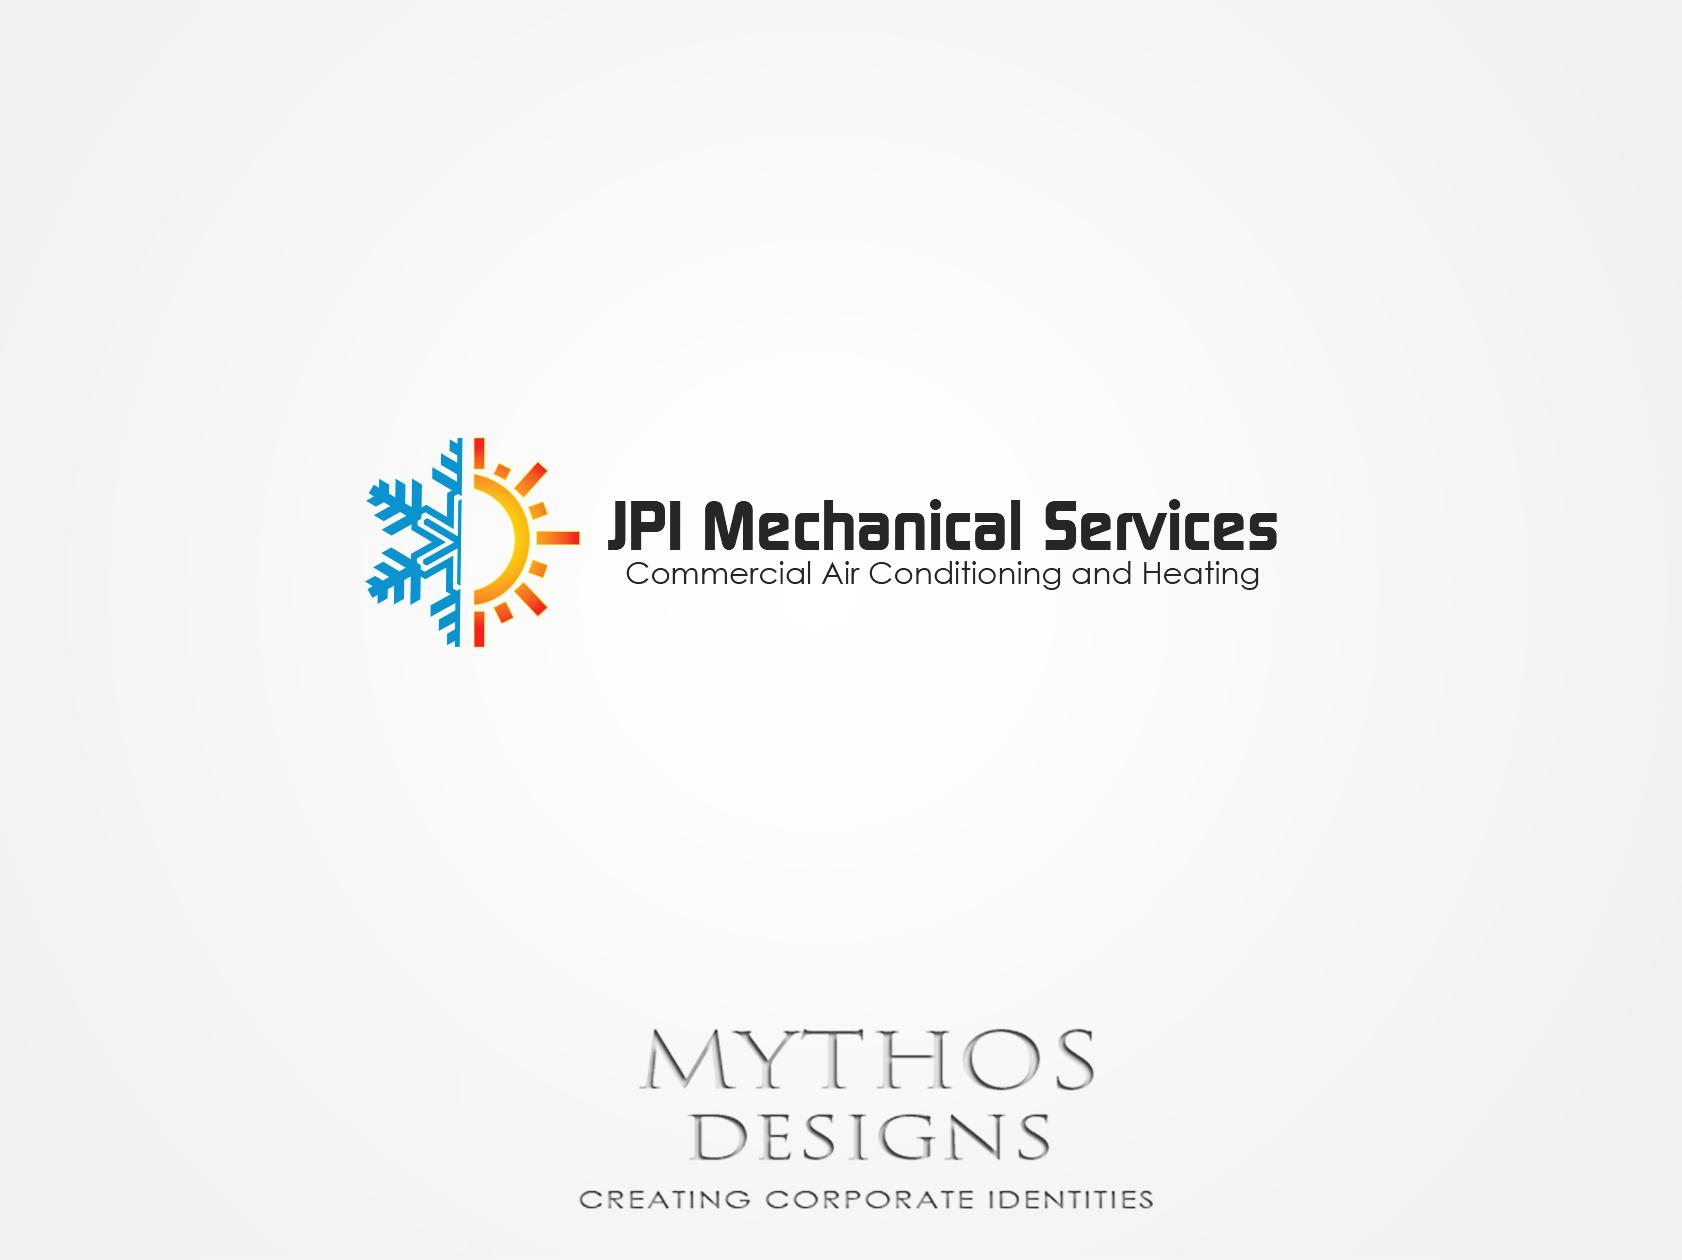 Logo Design by Mythos Designs - Entry No. 69 in the Logo Design Contest Inspiring Logo Design for JPI Mecanical Services.